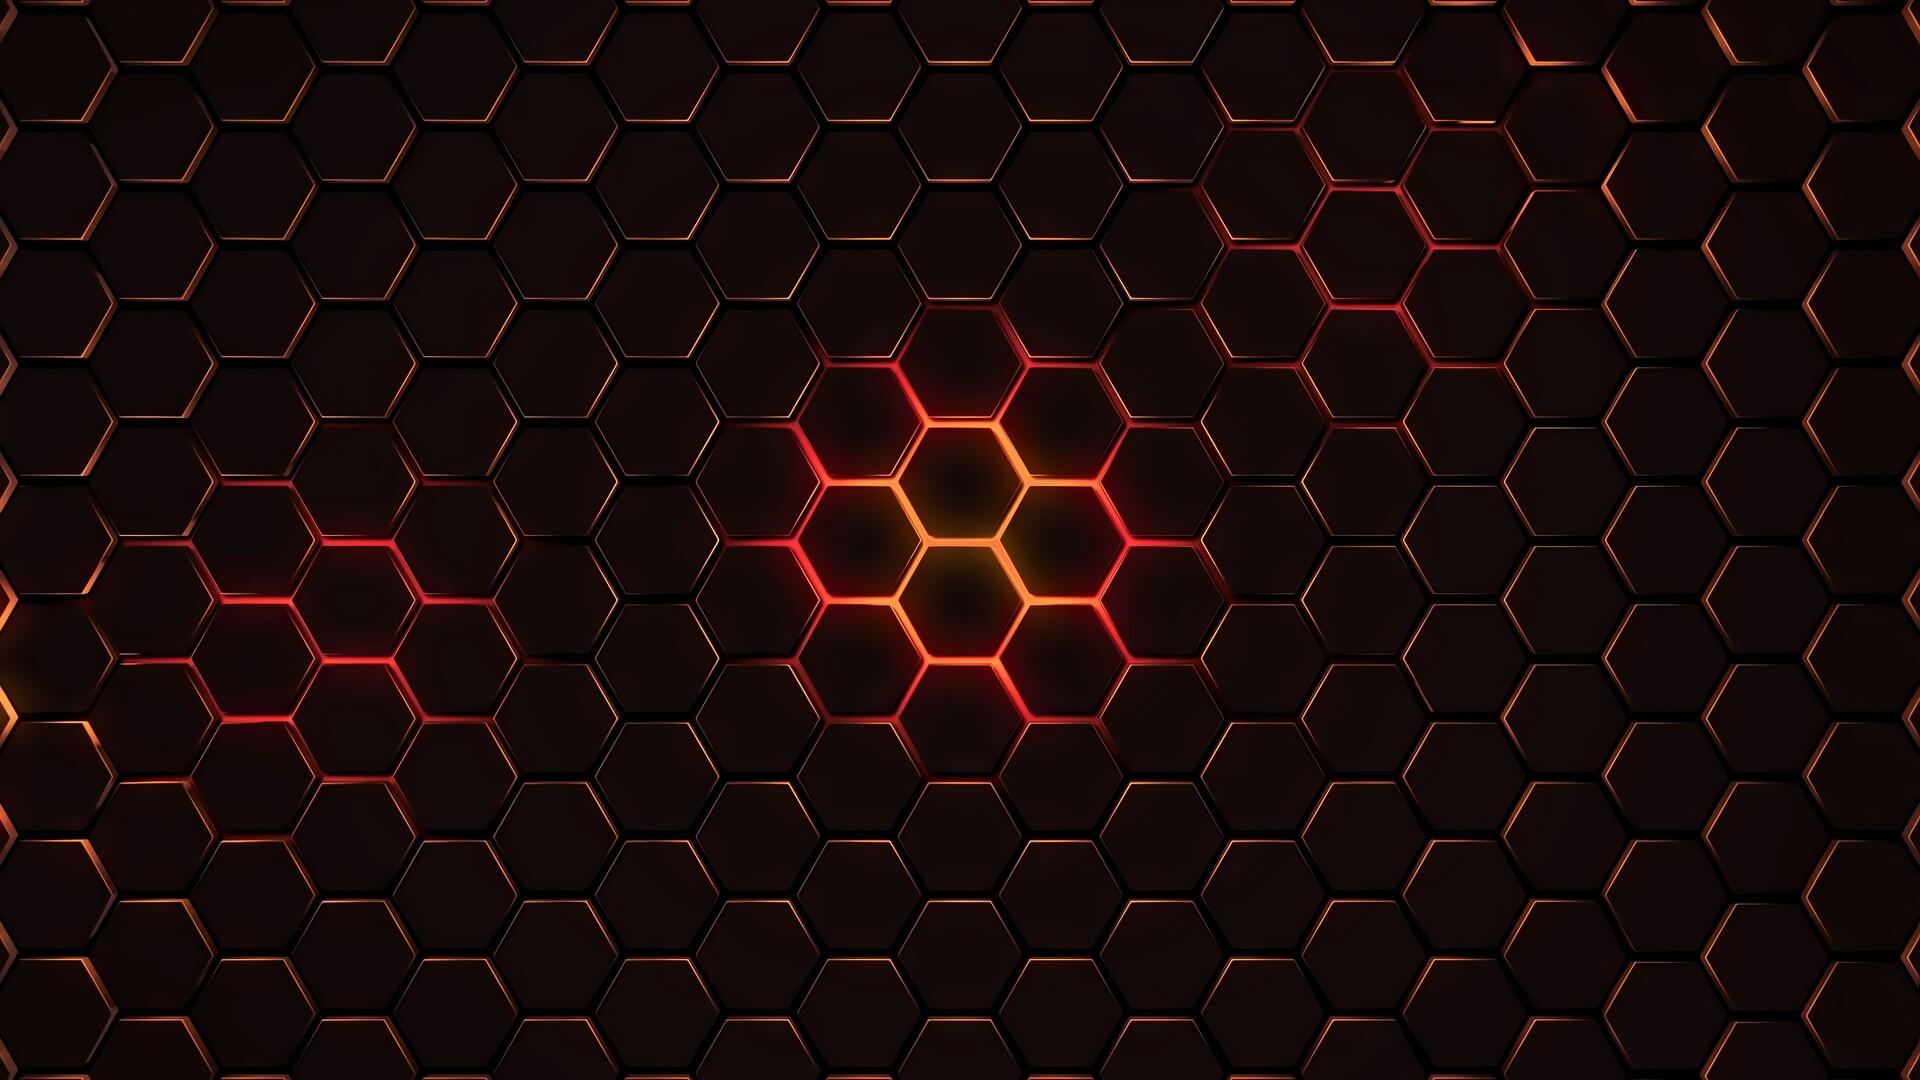 Hexagon Geometry 4k Laptop Full HD 1080P HD 4k Wallpapers